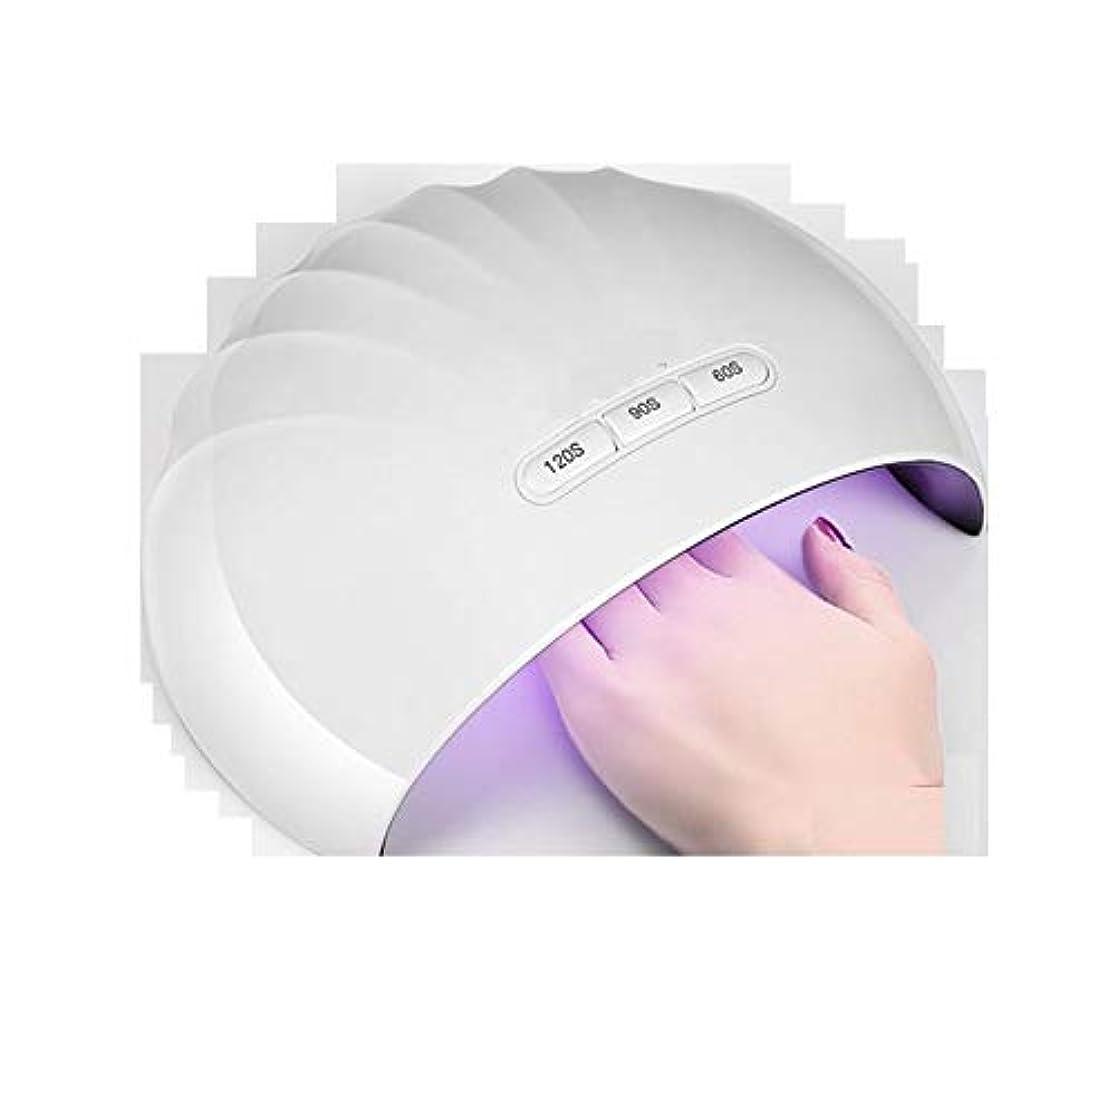 マイクロプロセッサグリット助けてLittleCat ネイルネイル光線療法機ドライヤースマート36Wネイル12個のデュアル光源ランプビーズ (色 : White+USB cable)